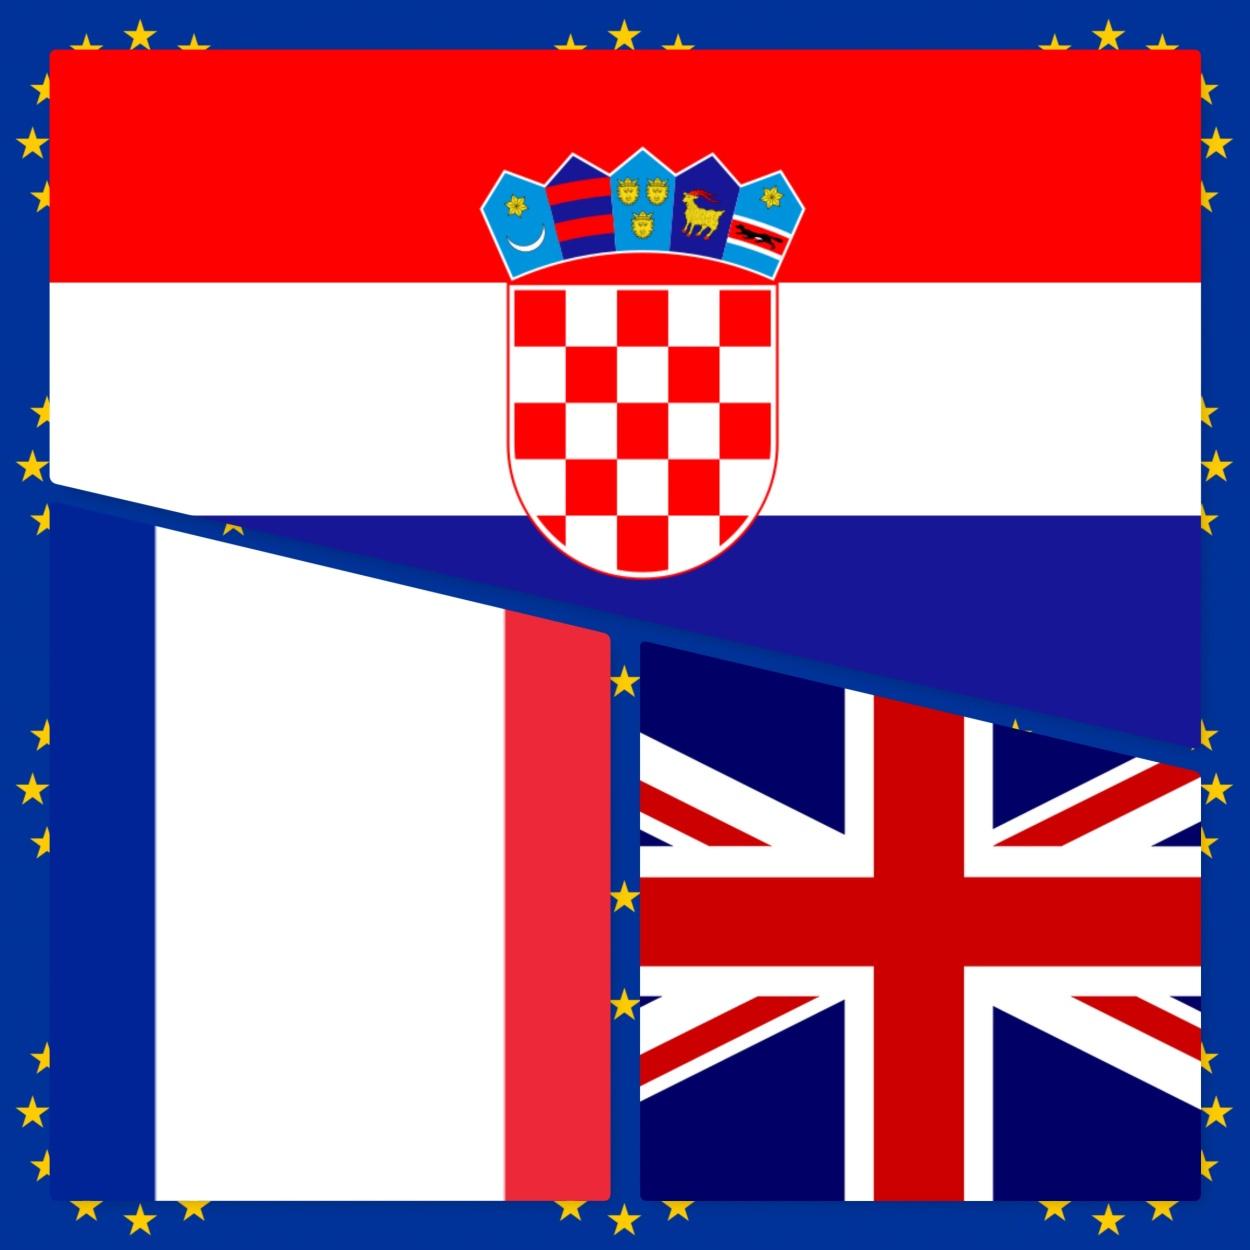 Sei mesi in Europa - primo semestre 2013